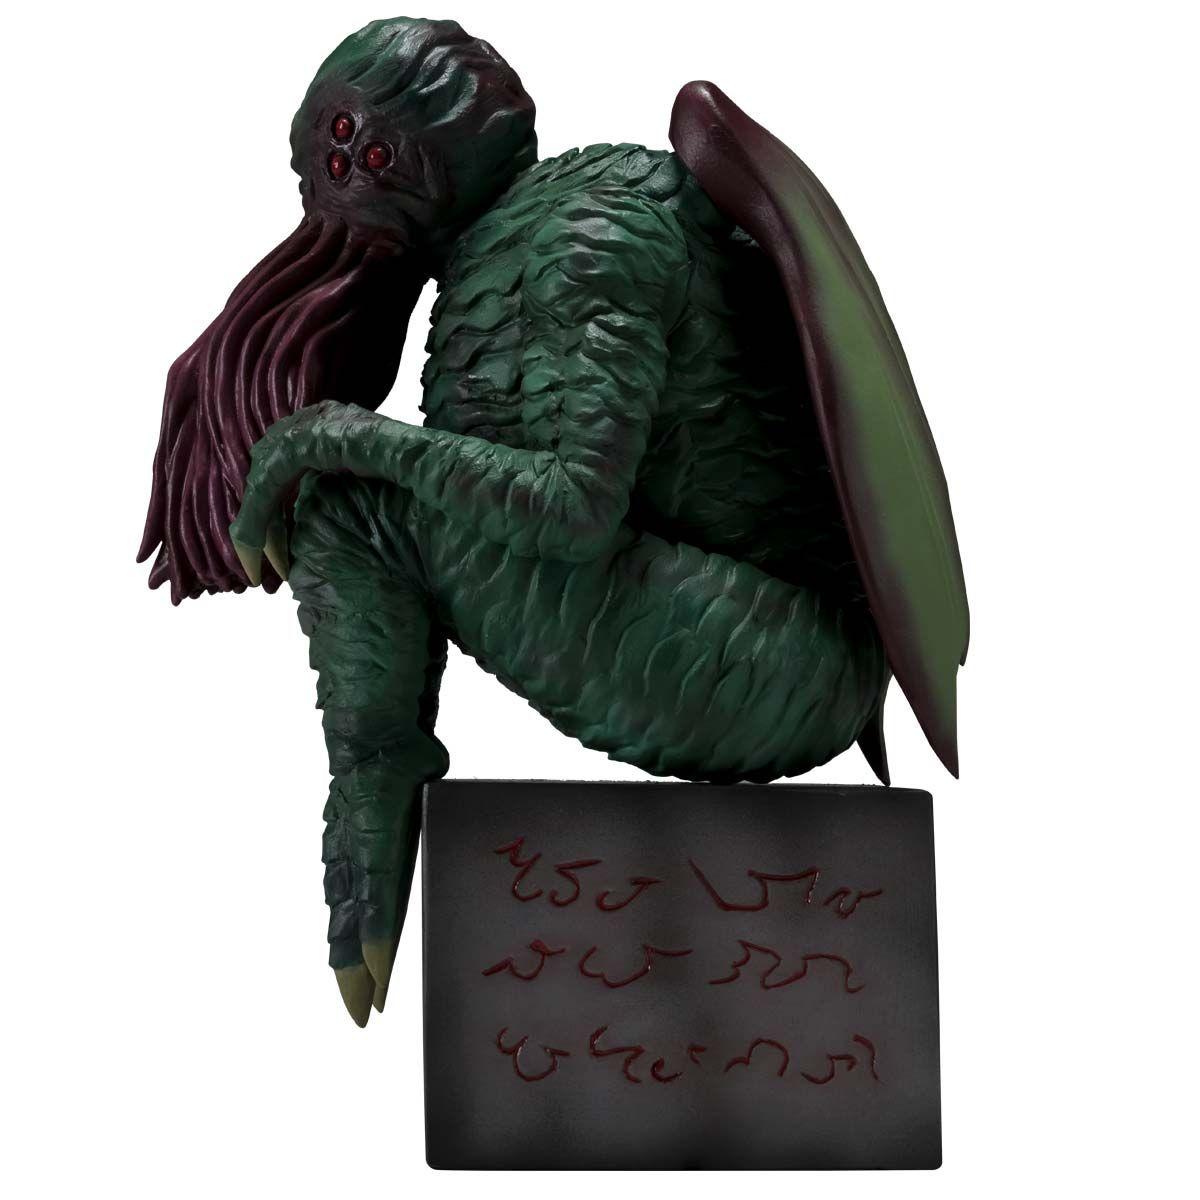 【限定販売】クトゥルフ神話『H.P.ラヴクラフトのCTHULHU』完成品フィギュア-010